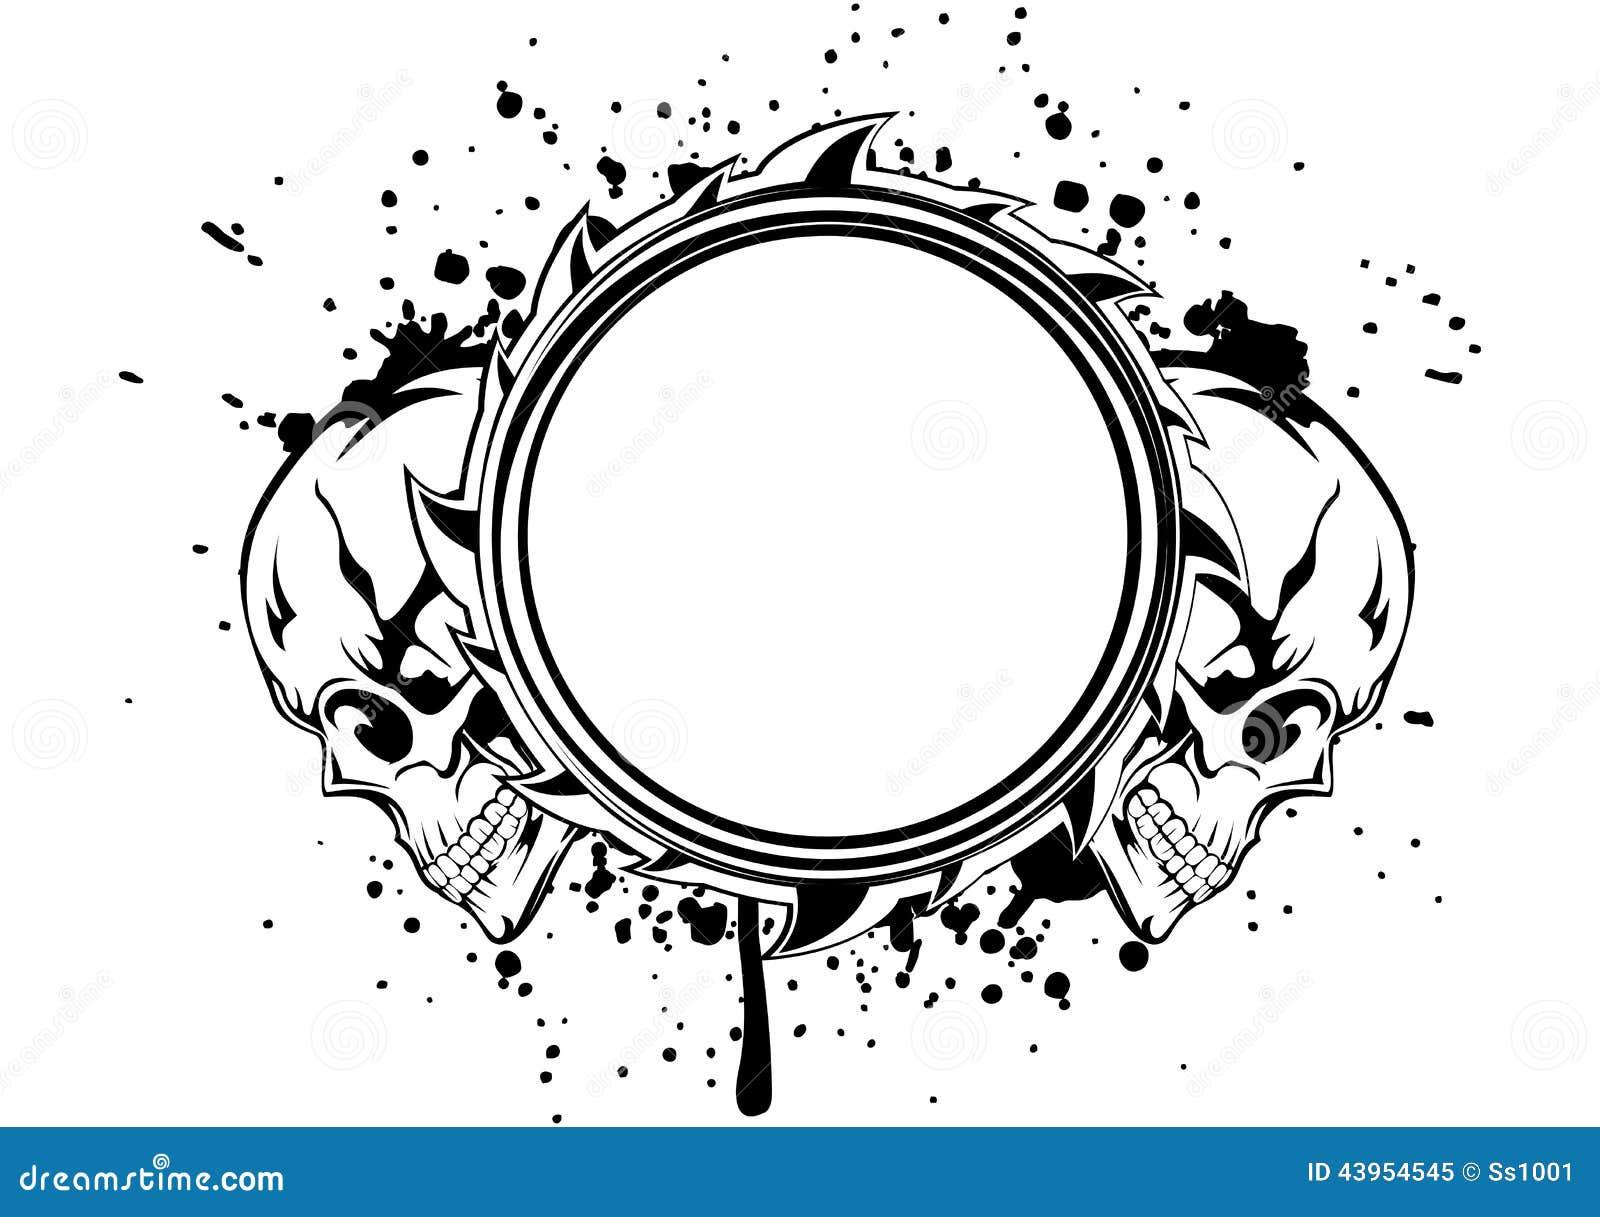 Marco de la sangre humana stock de ilustración. Ilustración de ...